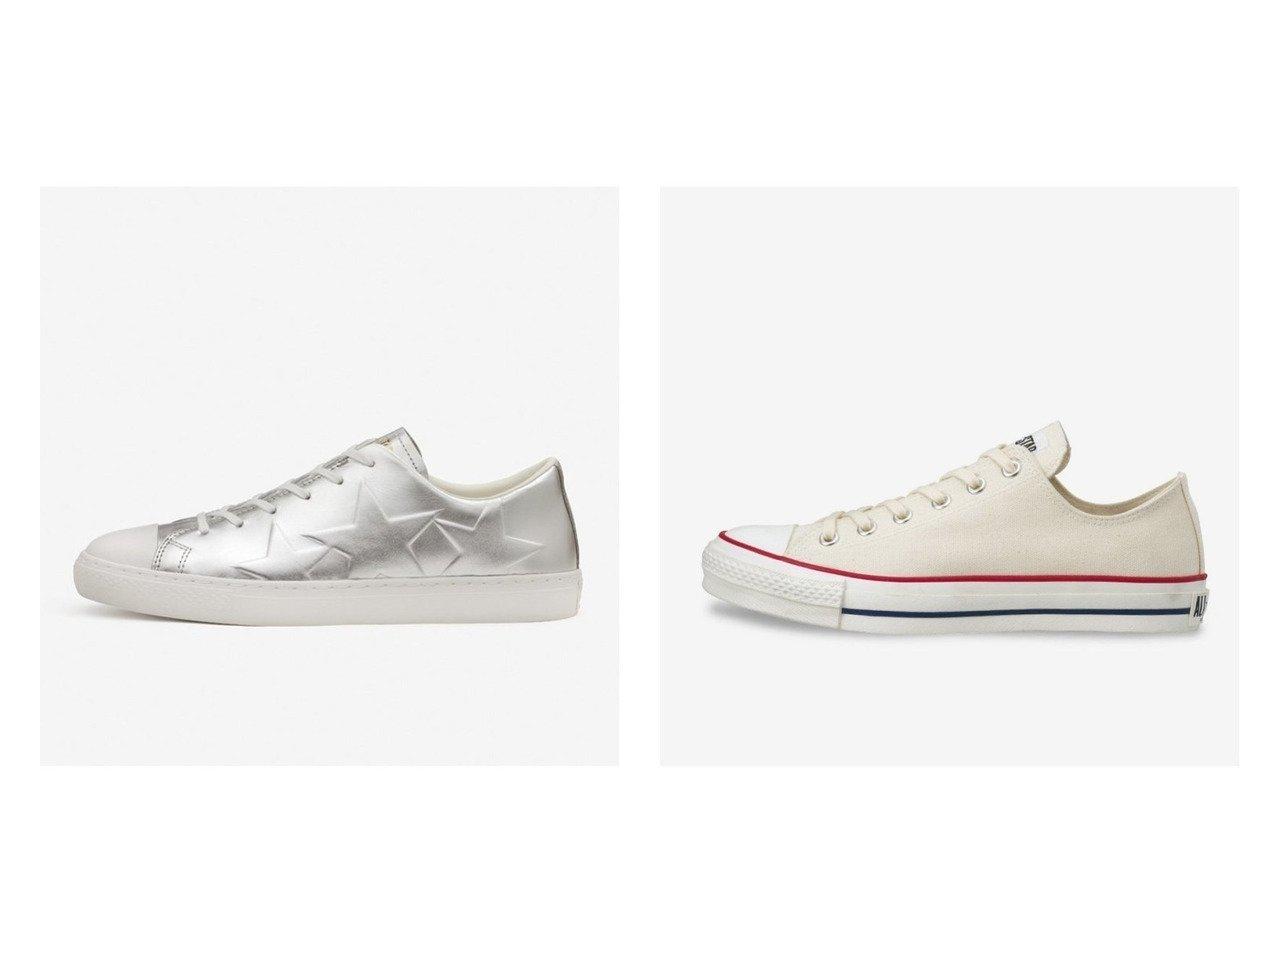 【CONVERSE/コンバース】のCANVAS ALL STAR J OX&ALL STAR COUPE TRIOSTAR EB OX 【シューズ・靴】おすすめ!人気、トレンド・レディースファッションの通販 おすすめで人気の流行・トレンド、ファッションの通販商品 メンズファッション・キッズファッション・インテリア・家具・レディースファッション・服の通販 founy(ファニー) https://founy.com/ ファッション Fashion レディースファッション WOMEN シューズ シルバー スニーカー スリッポン インソール キャンバス ラバー 日本製 Made in Japan |ID:crp329100000028478